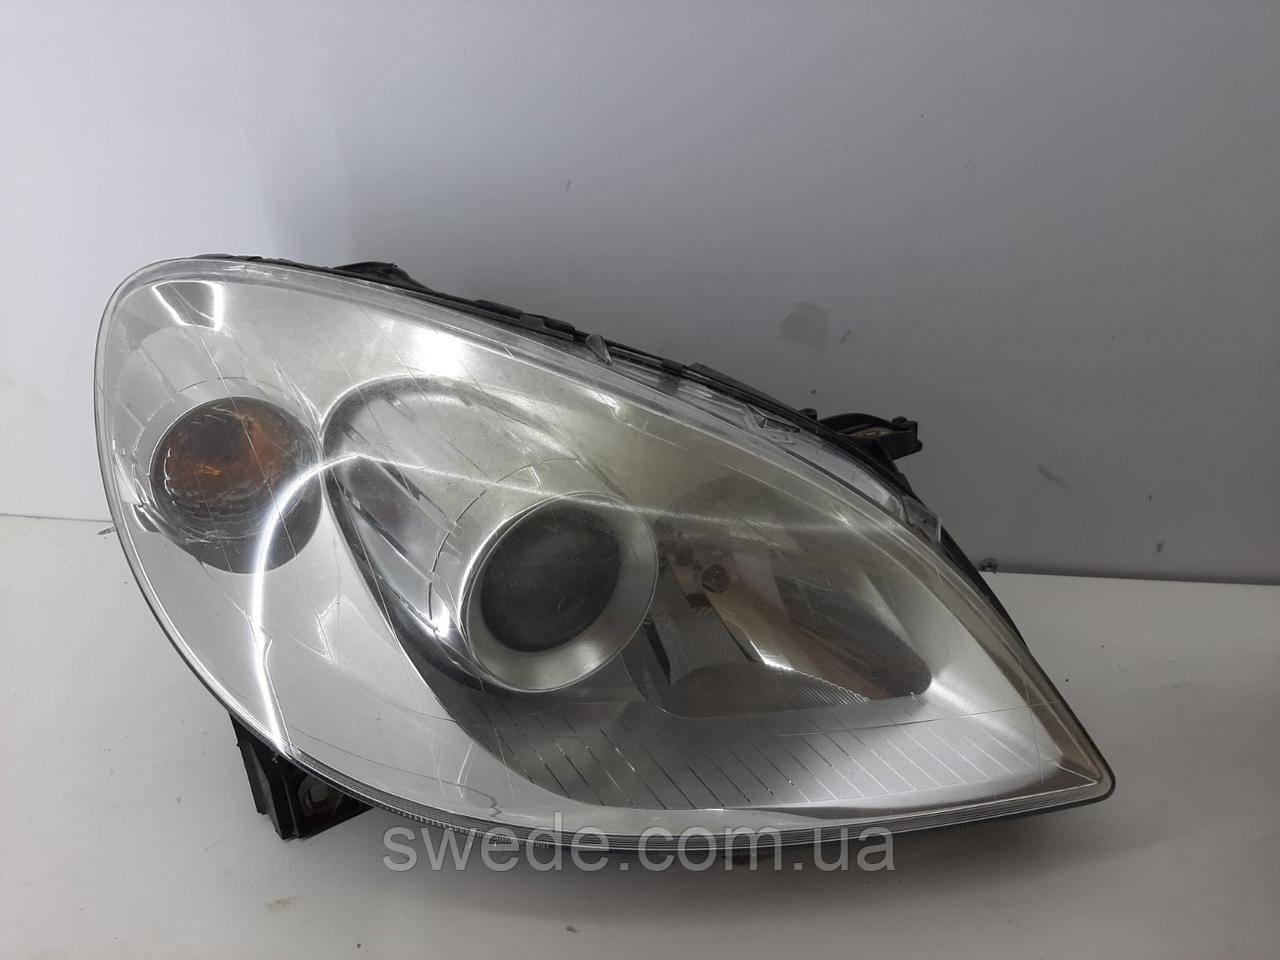 Фара правая Mercedes W245 2005-2012 гг A1698201861